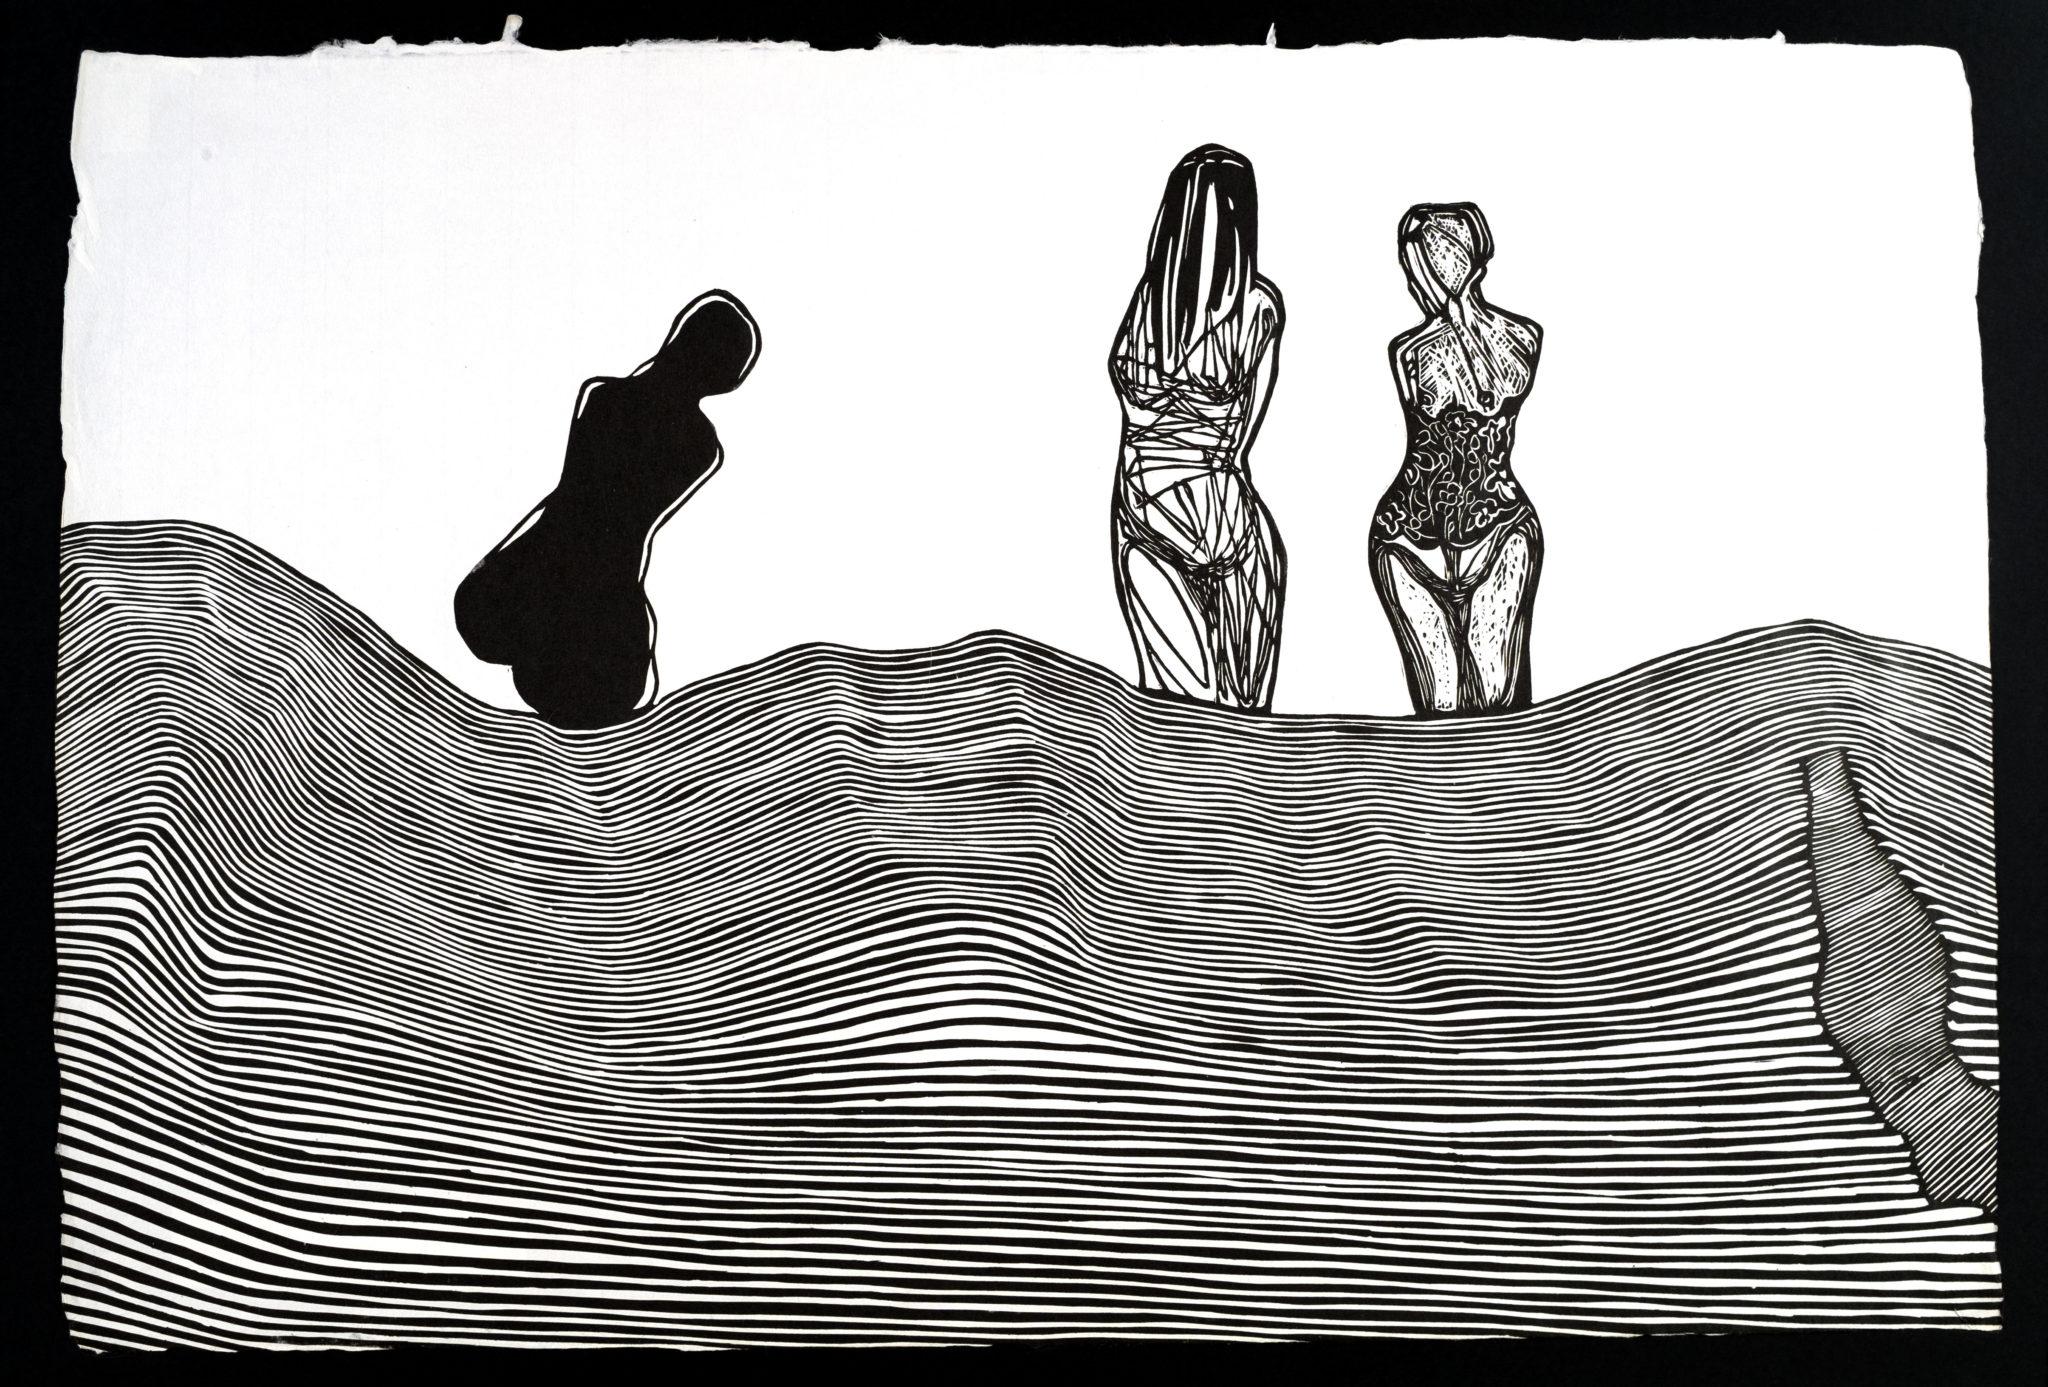 Linoryt Gracje nad morzem o wymiarach 100x70 cm